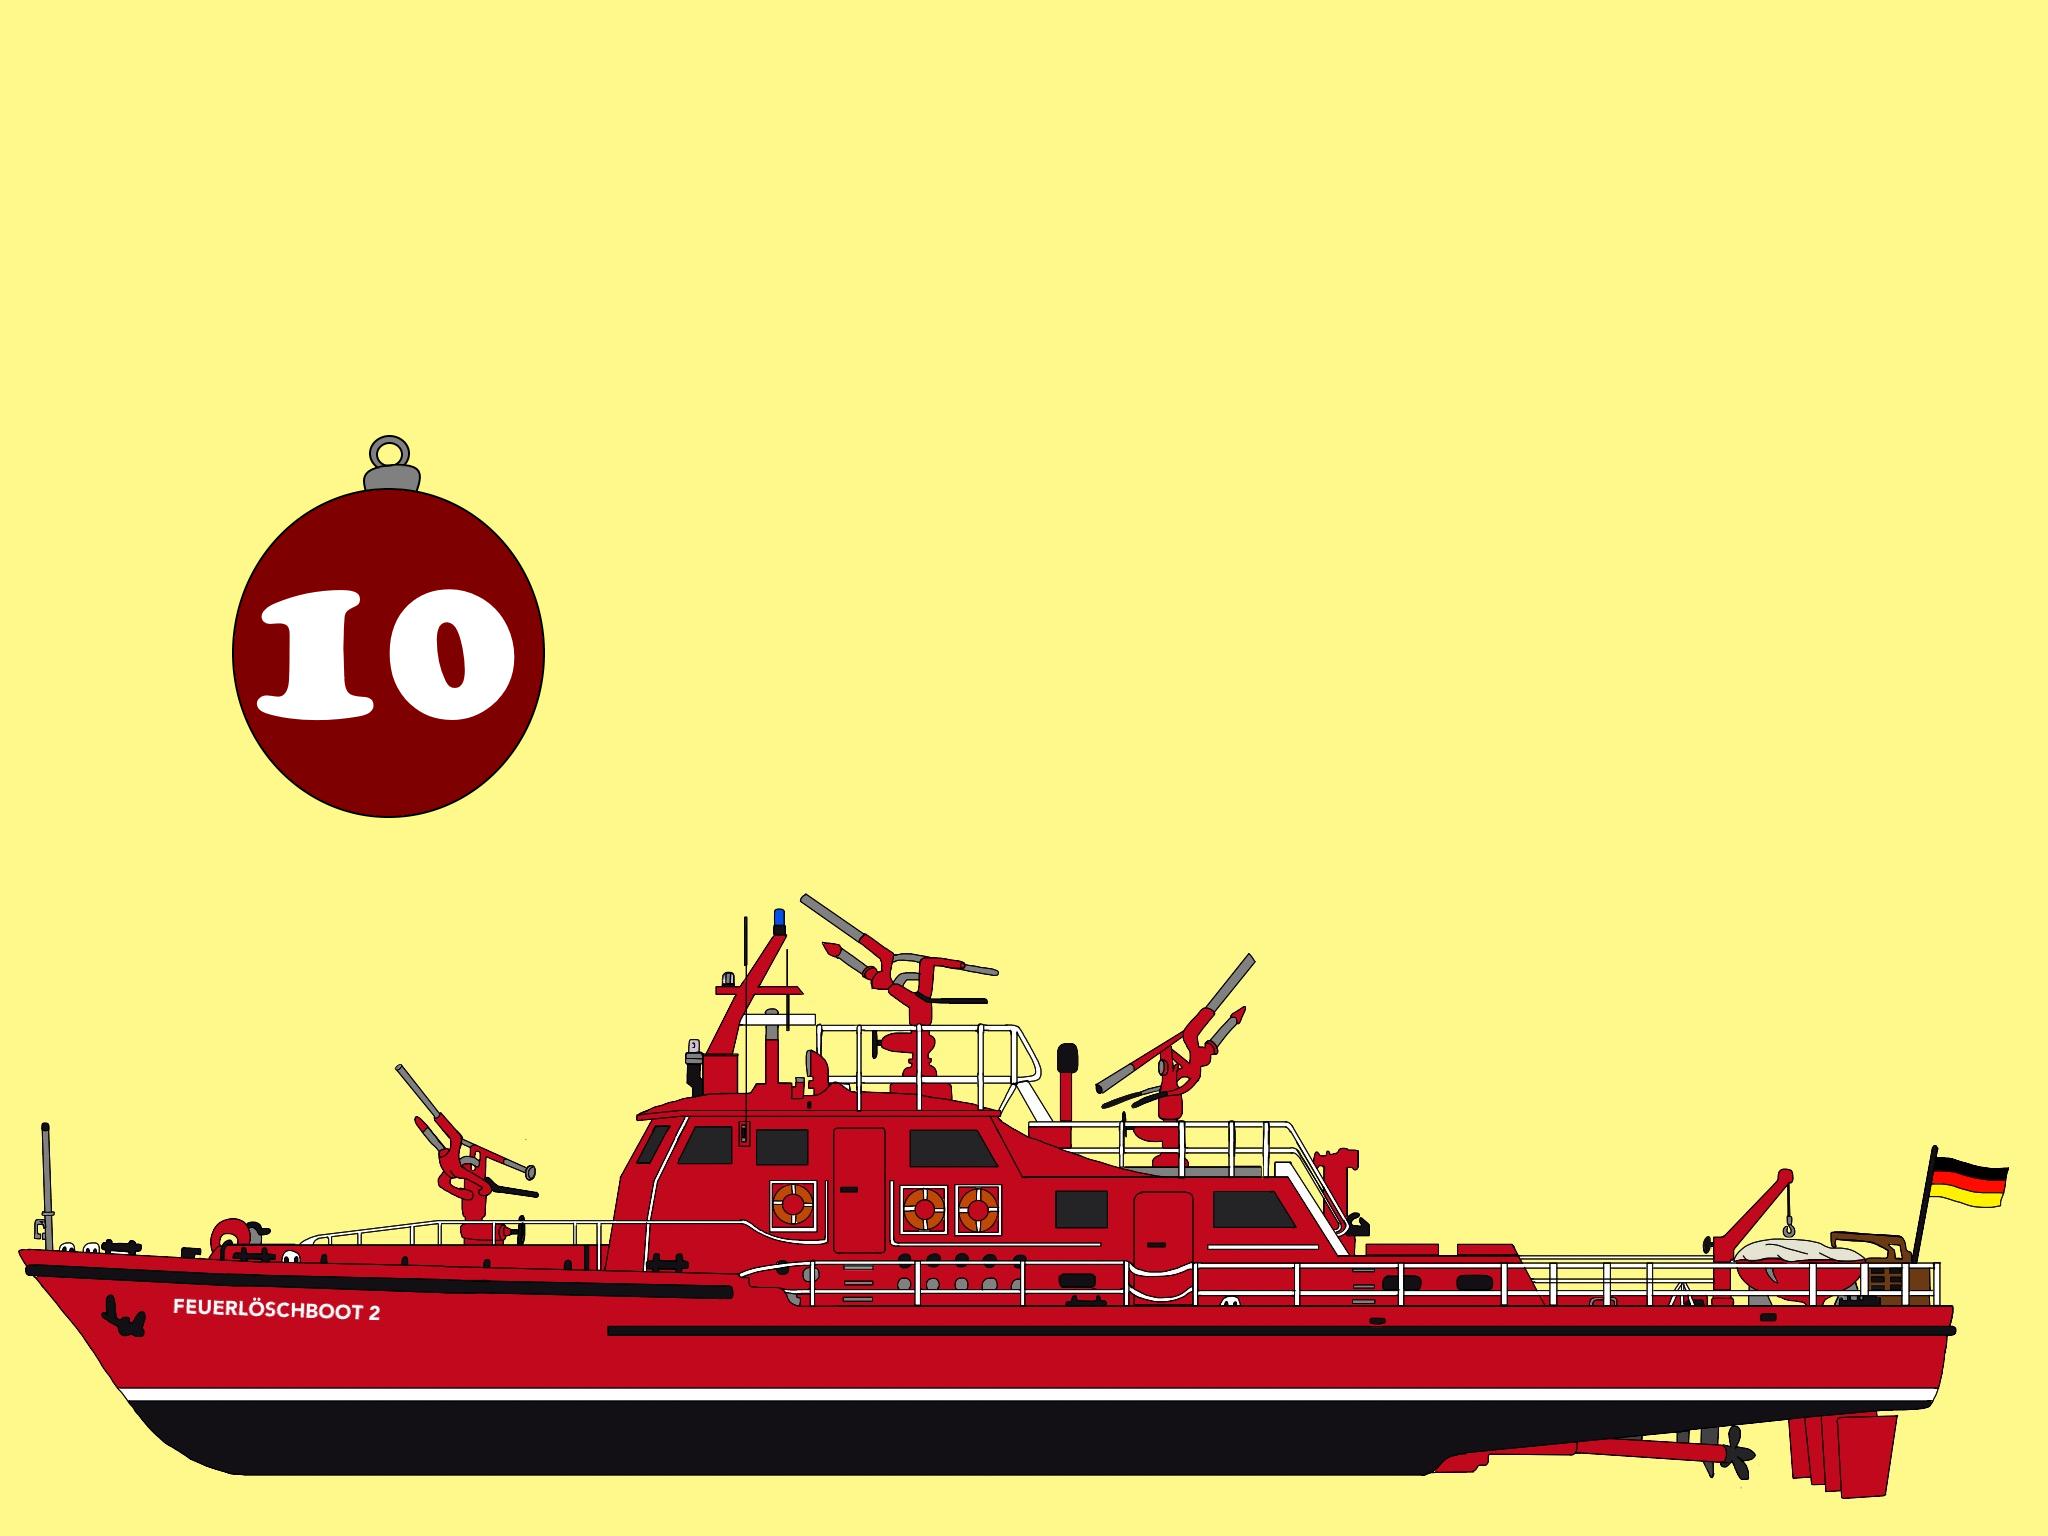 69893-vorschau-l%C3%B6schboot-d%C3%BCsseldorf-seitlich-png